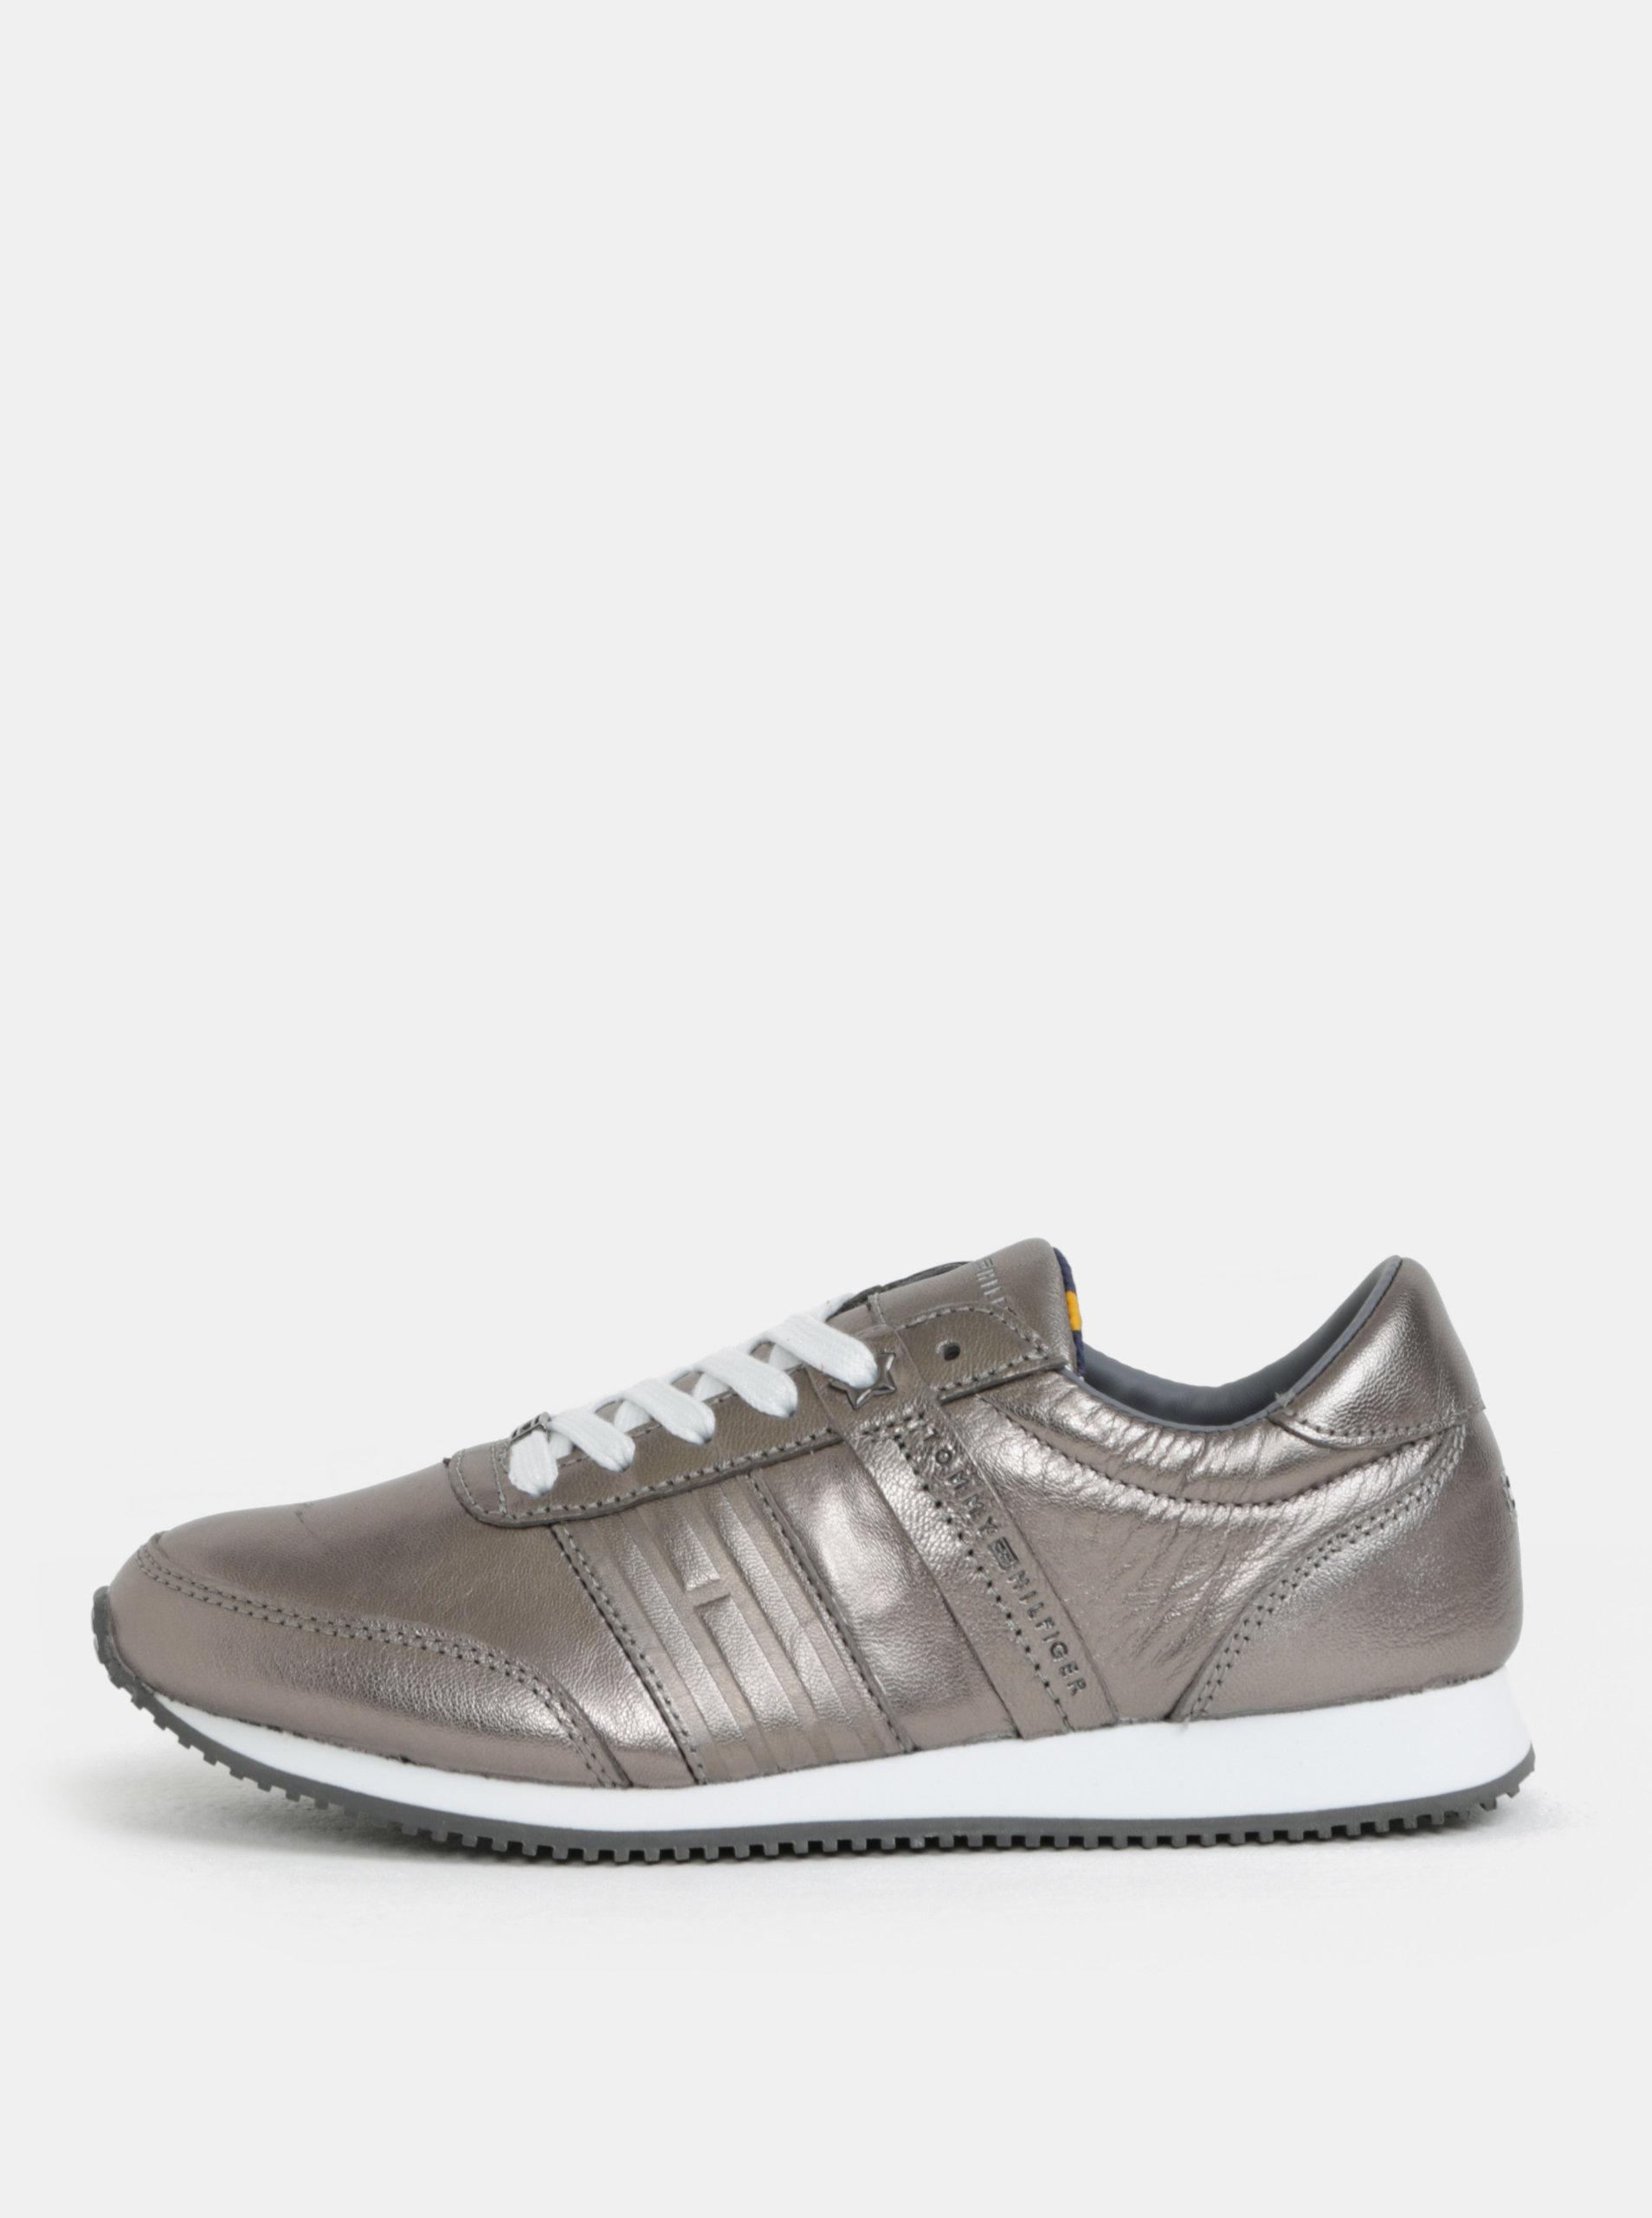 0279745cd0f Dámské kožené tenisky ve stříbrné barvě Tommy Hilfiger ...